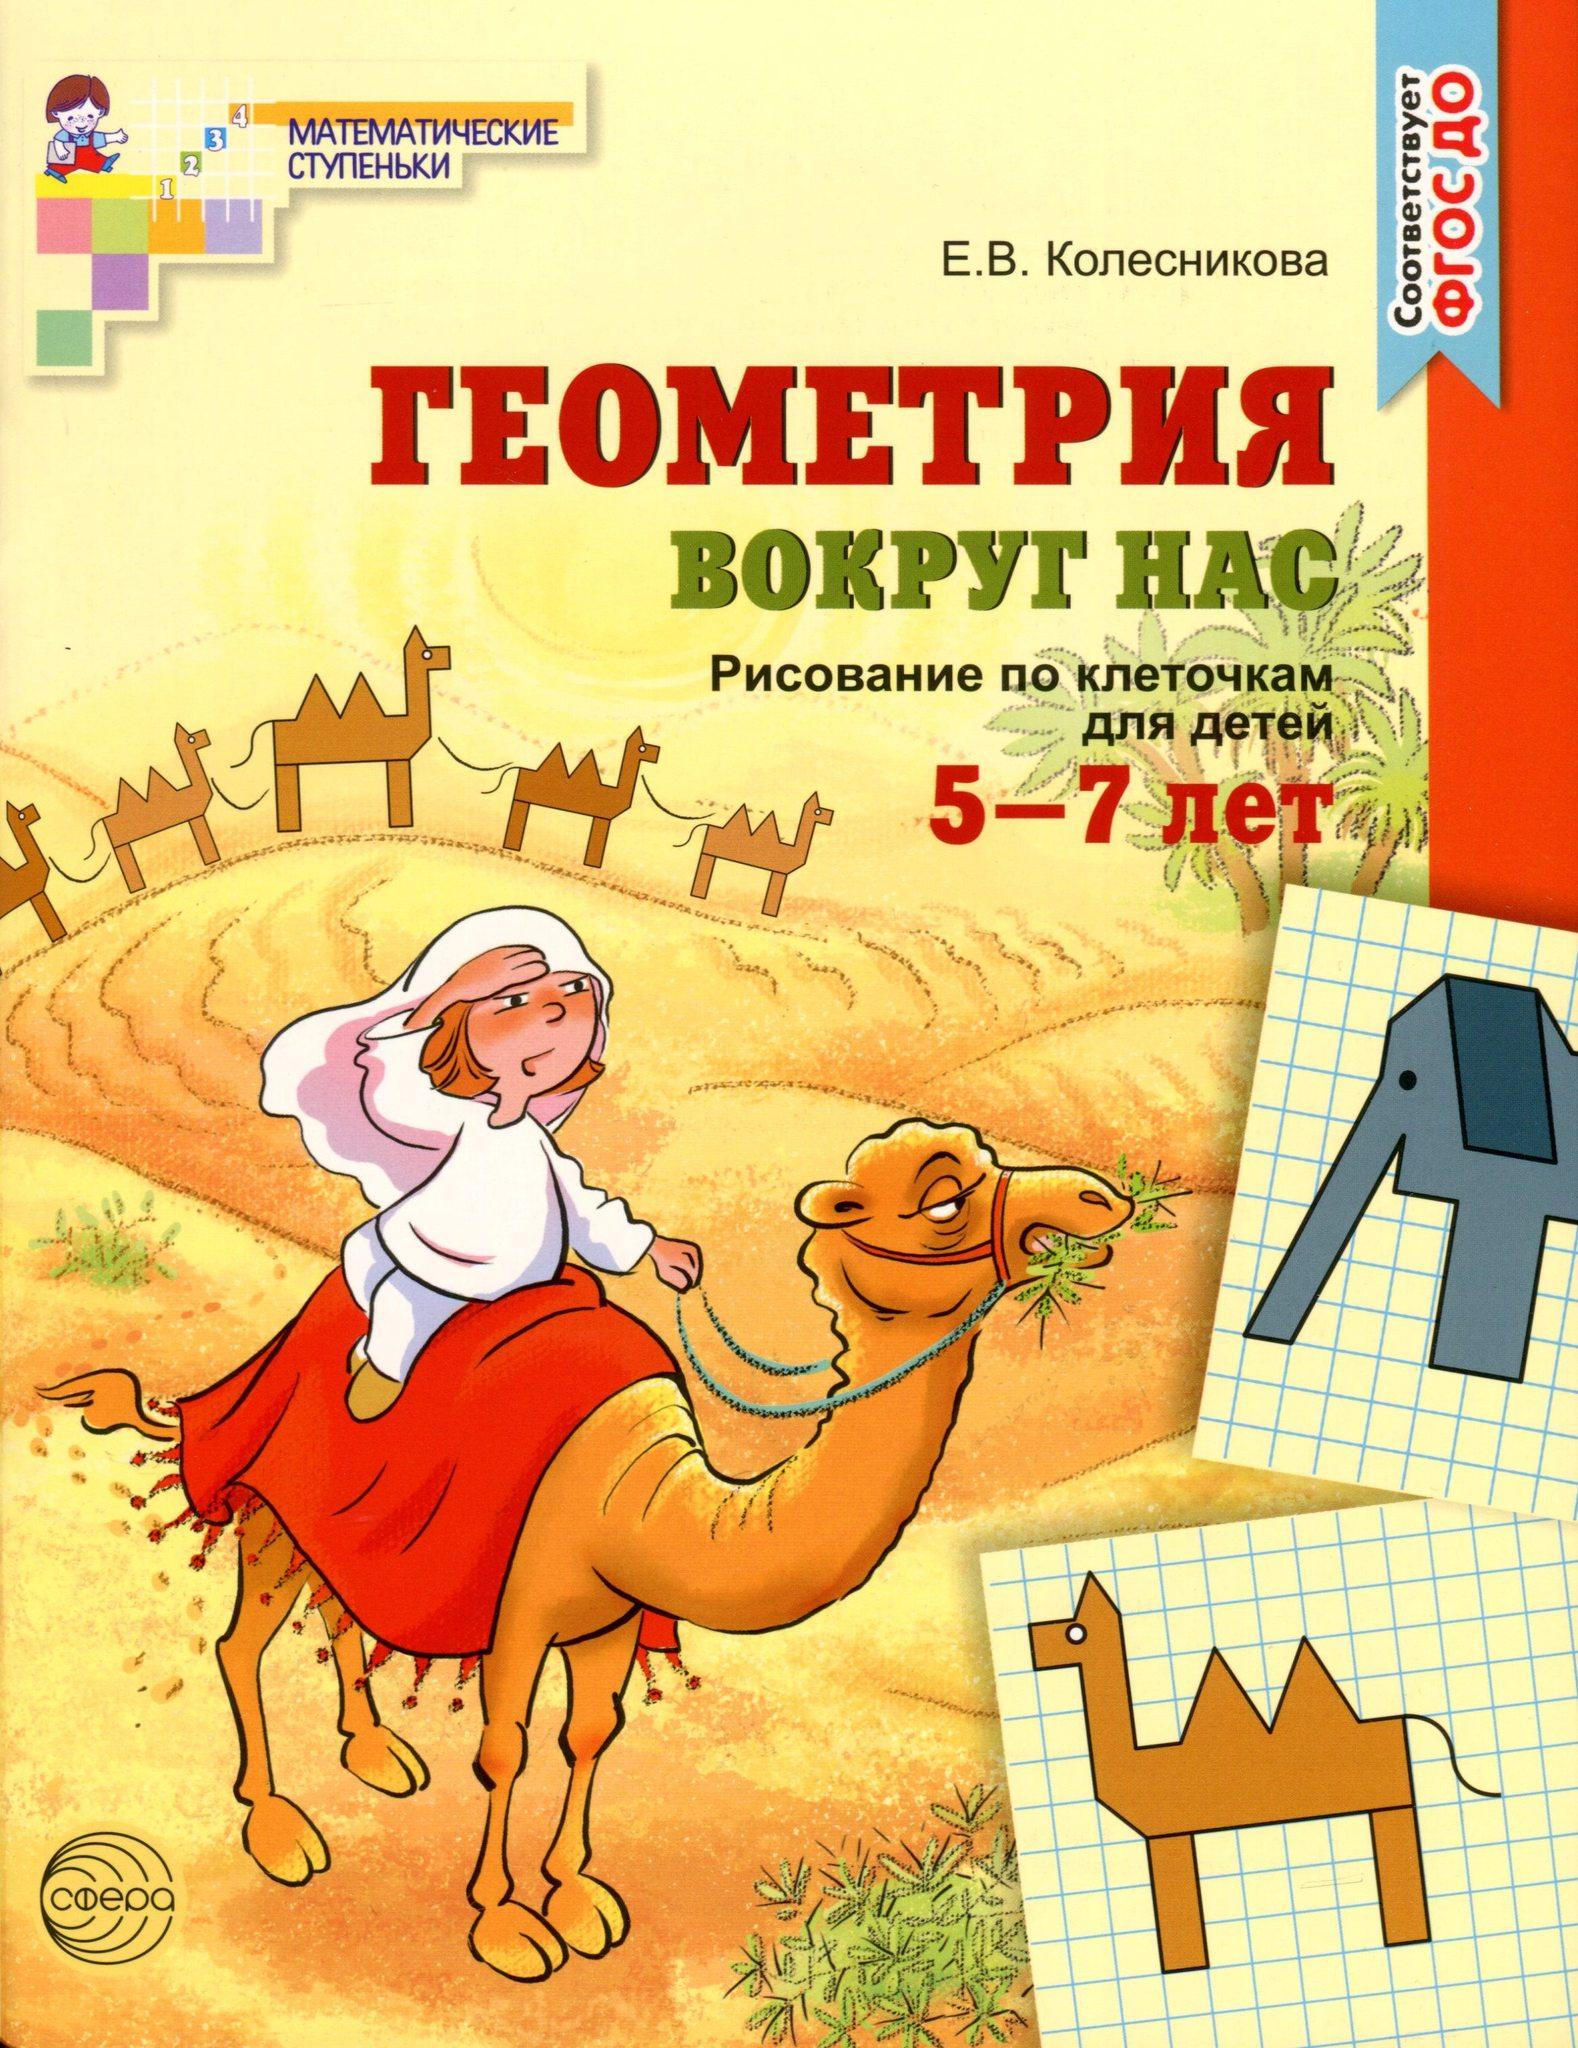 Геометрия Вокруг нас, Рисование по клеточкам для Детей 5-7 лет